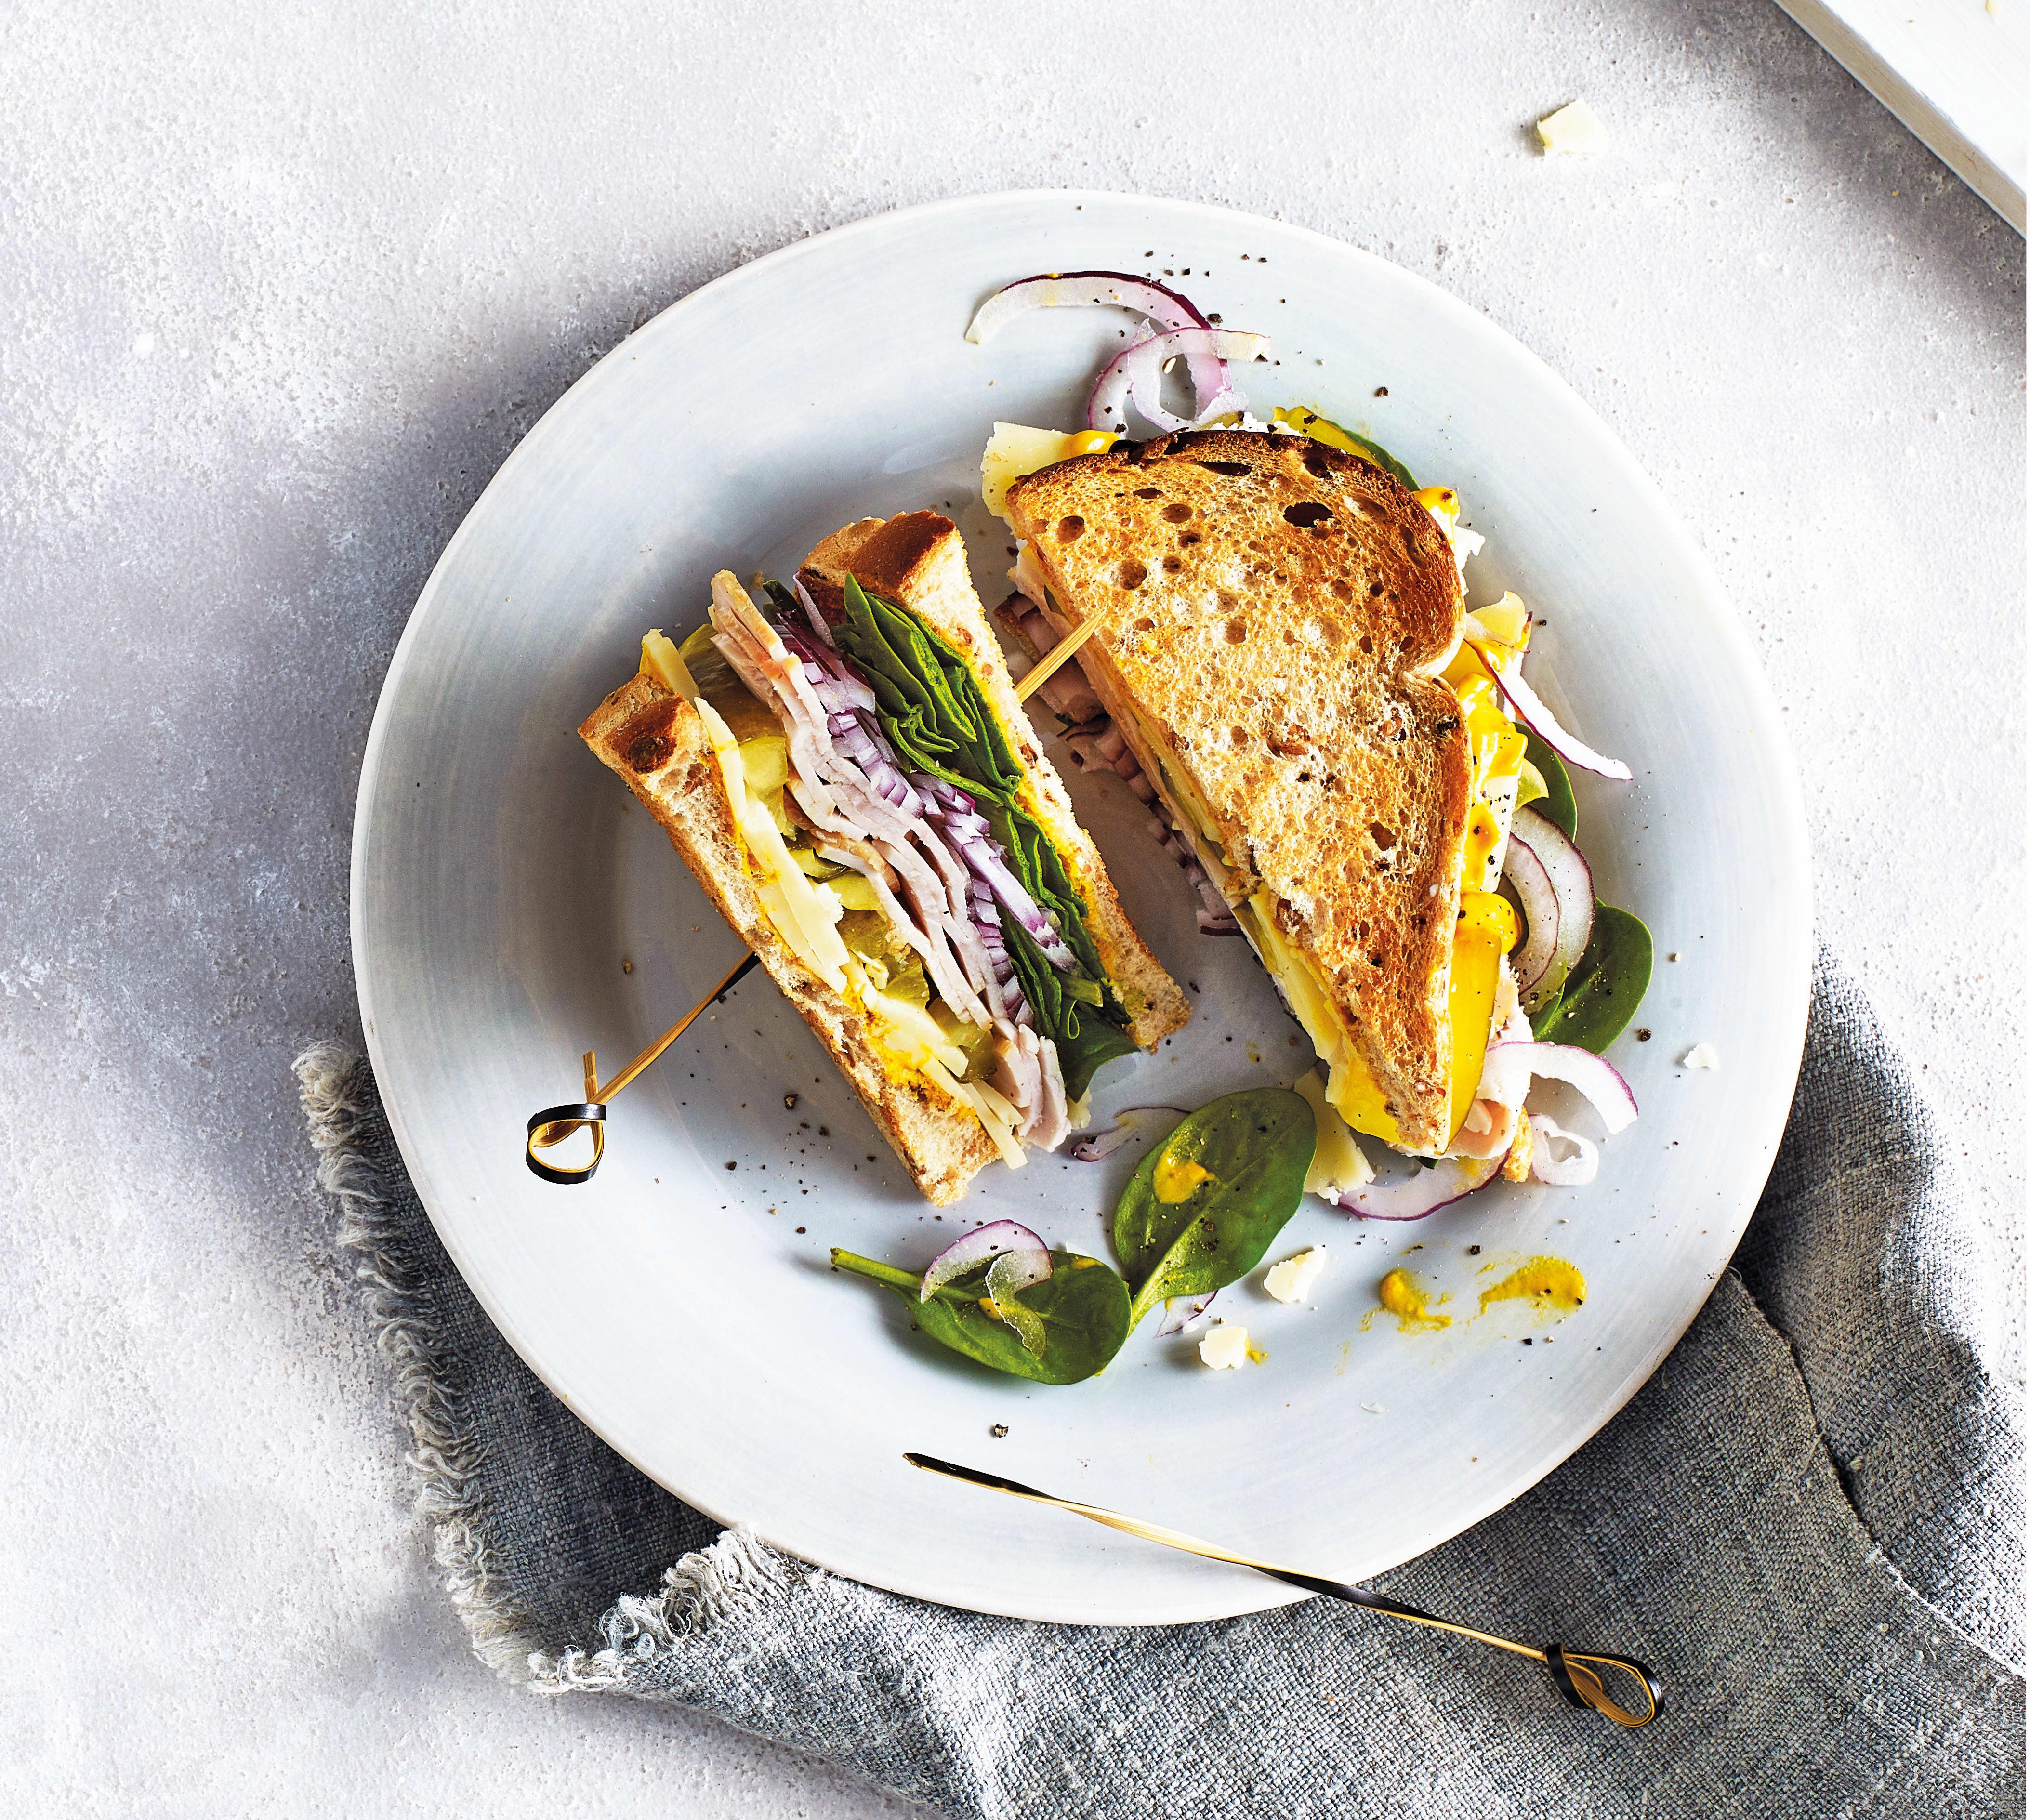 Photo of Turkey & spinach club sandwich by WW